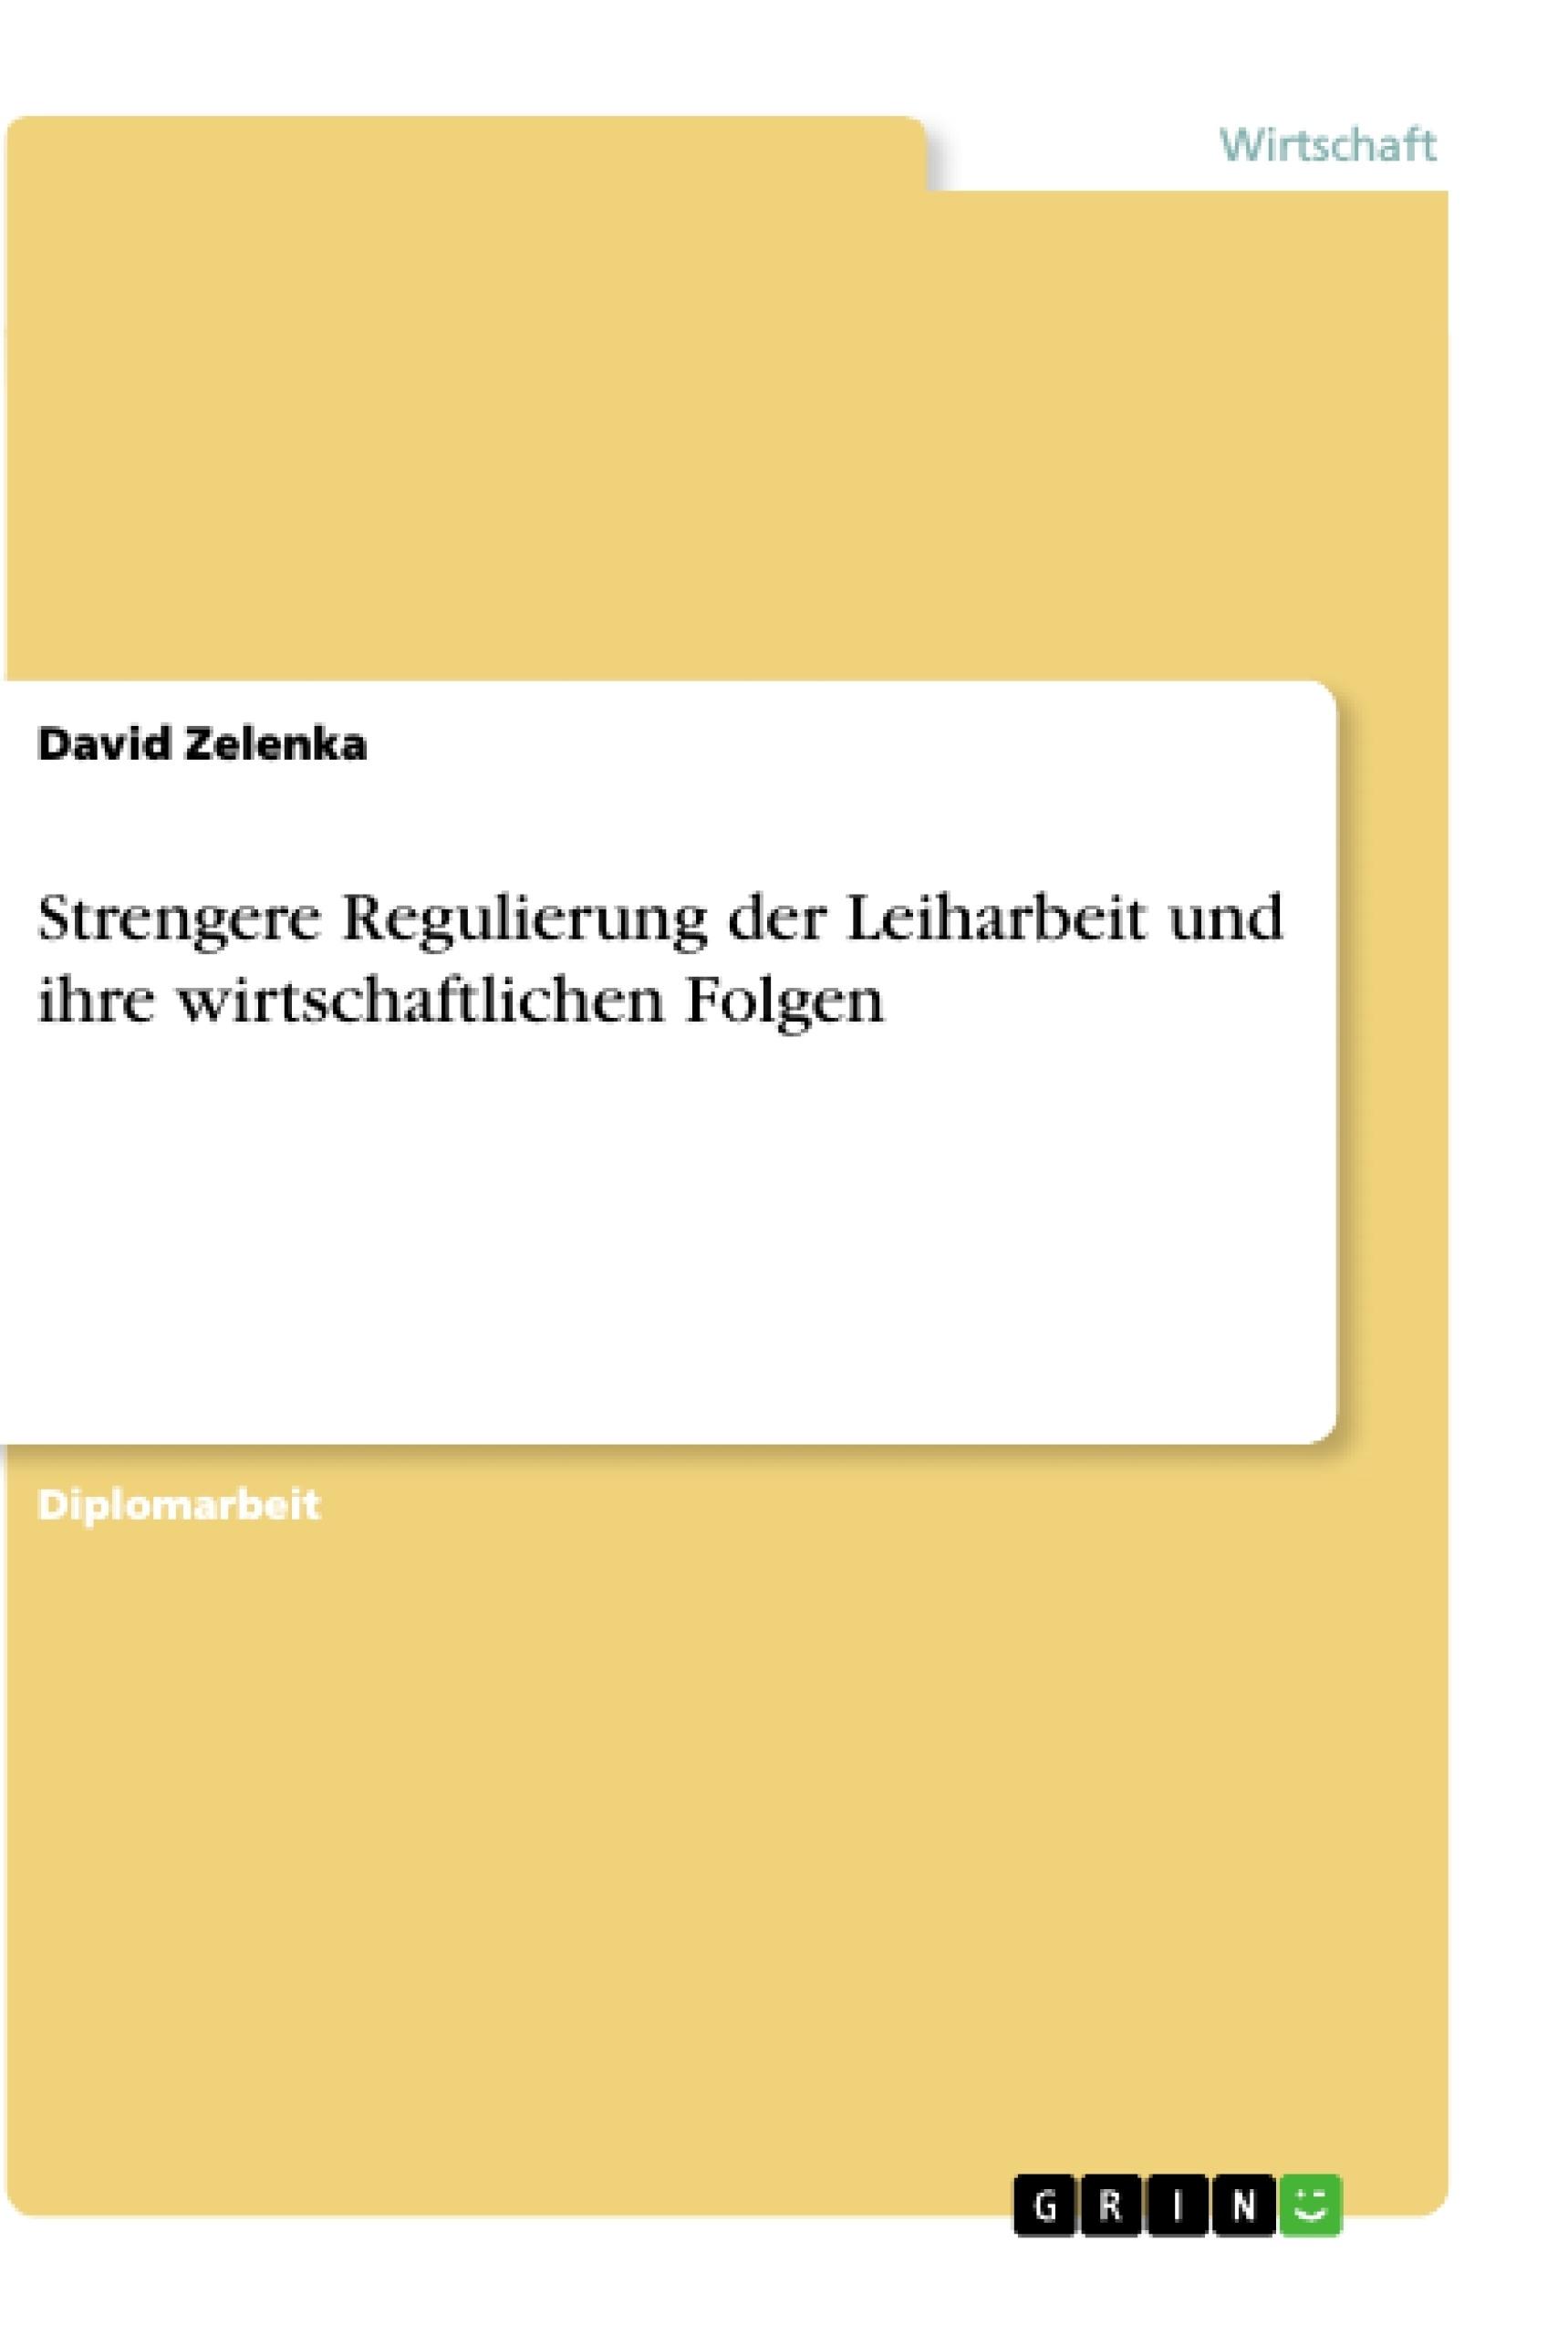 Titel: Strengere Regulierung der Leiharbeit und ihre wirtschaftlichen Folgen